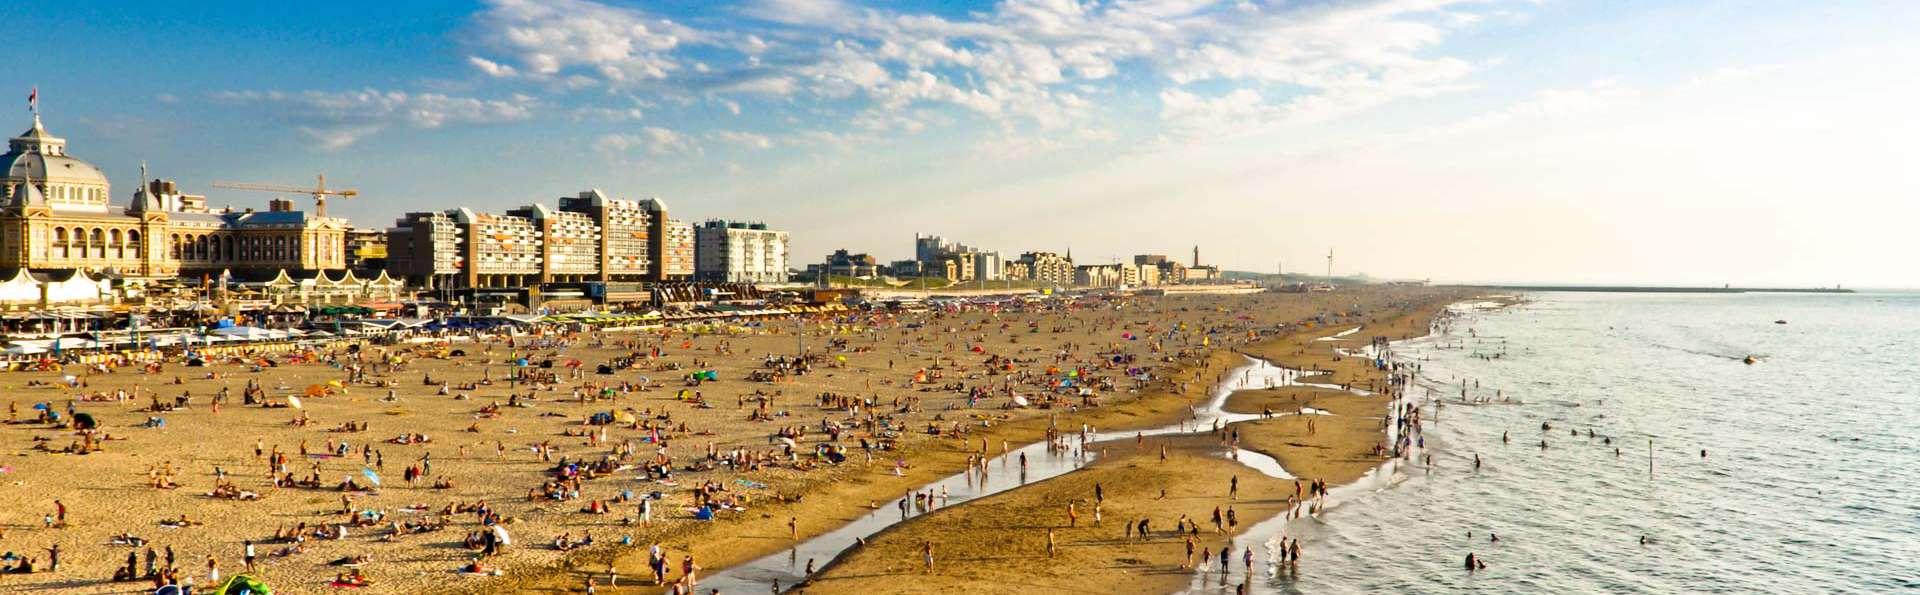 Summer Sale: Comfort en luxe in Den Haag nabij de stranden van Scheveningen